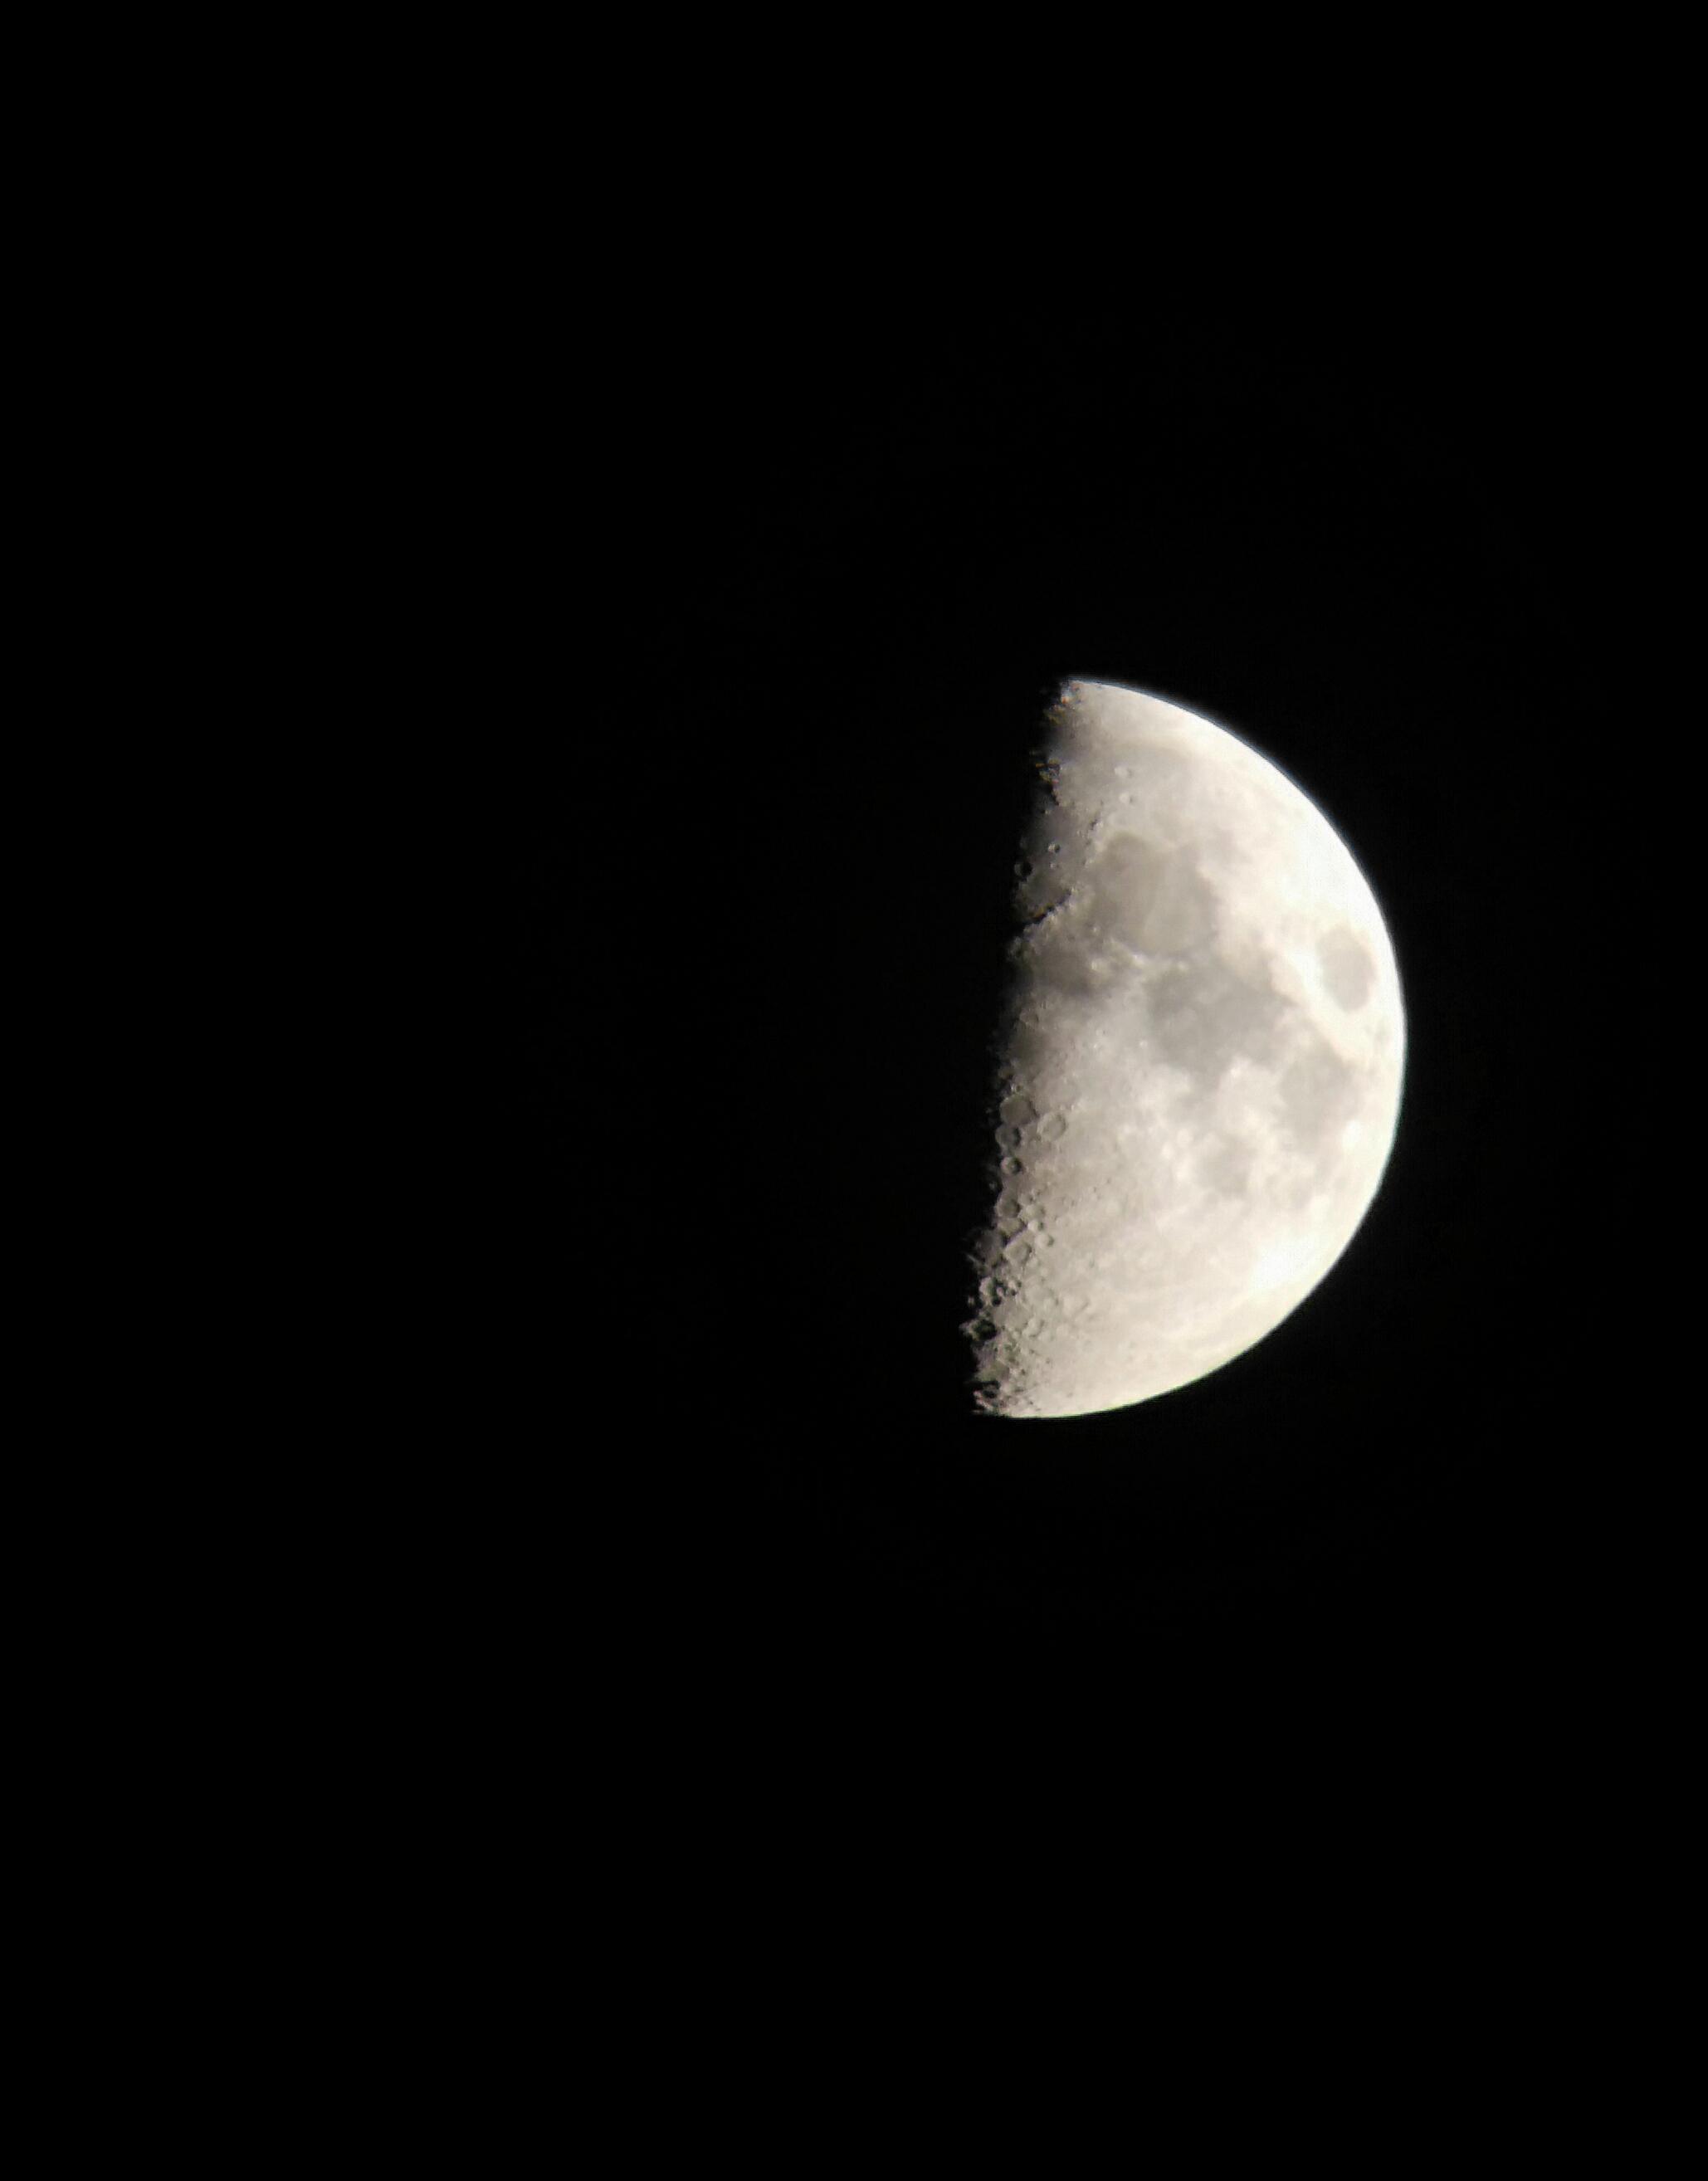 Mond, Dortmund, 24.06.2015, 22:59 Uhr, Credit: Ute Gerhardt